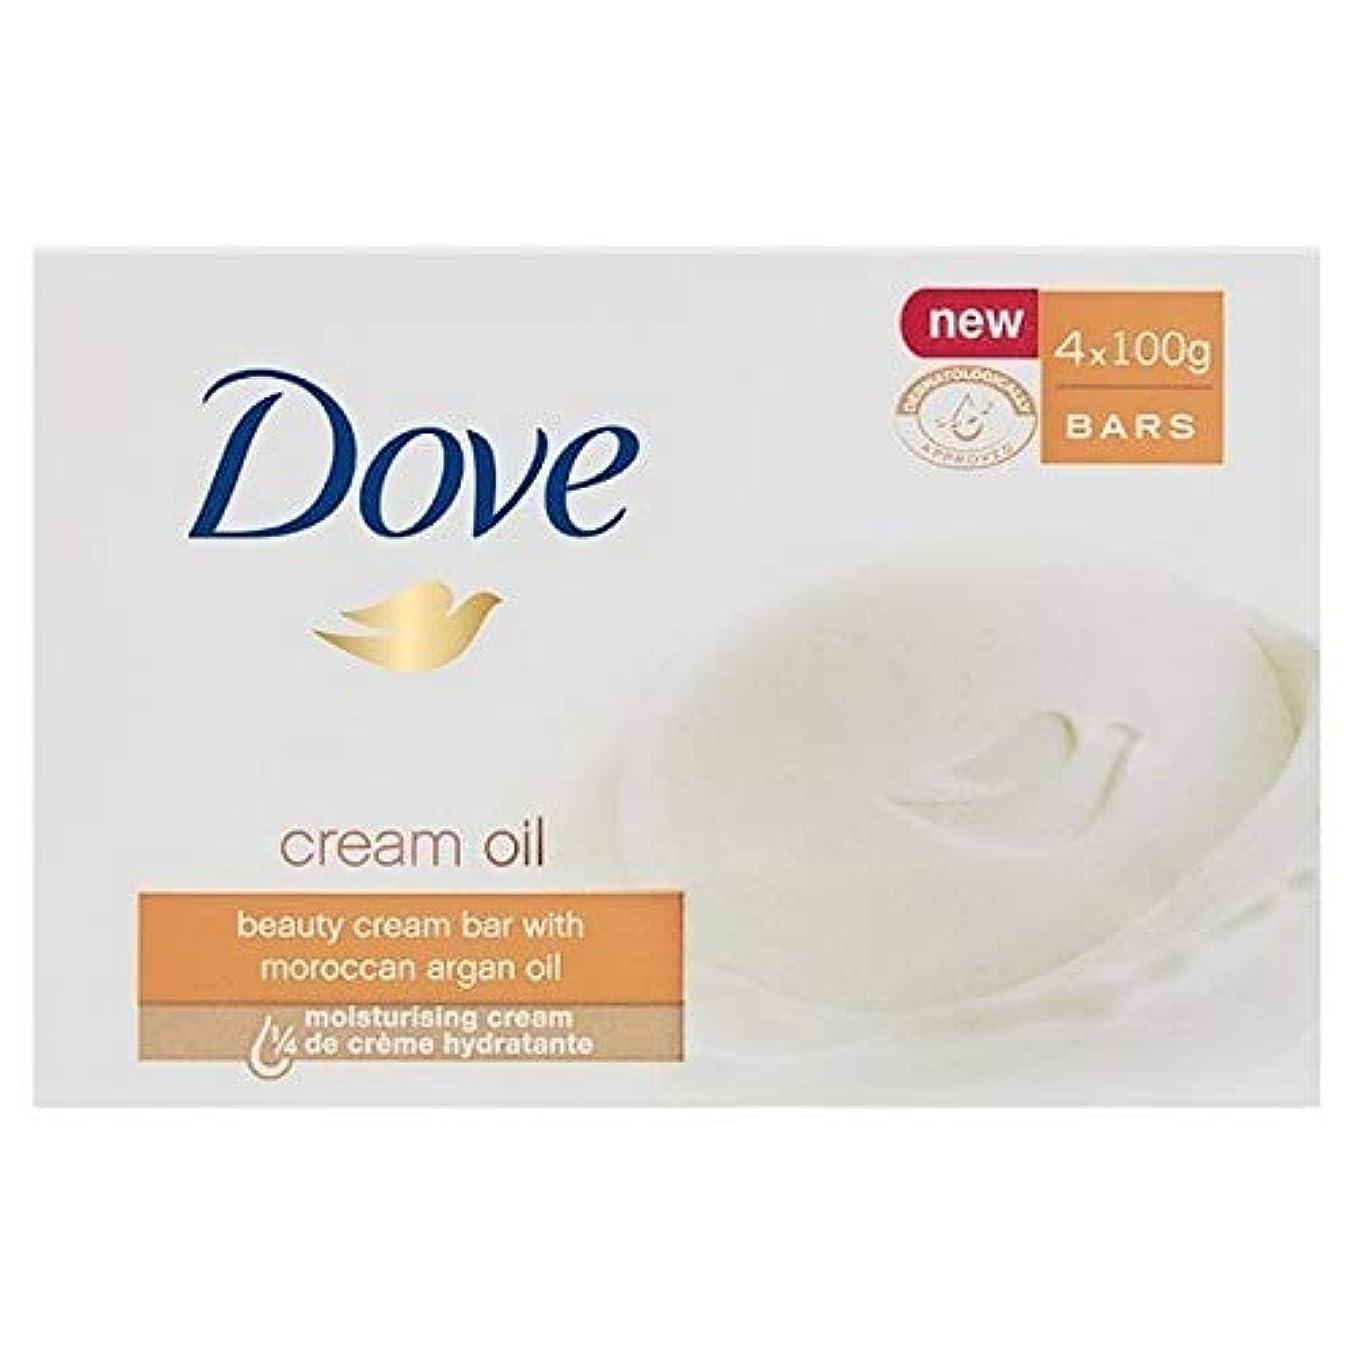 電話に出るなくなる増強する[Dove ] アルガンオイル美容クリーム石鹸4×100グラムを剥離鳩 - Dove Exfoliating Argan Oil Beauty Cream Soap Bar 4 x 100g [並行輸入品]